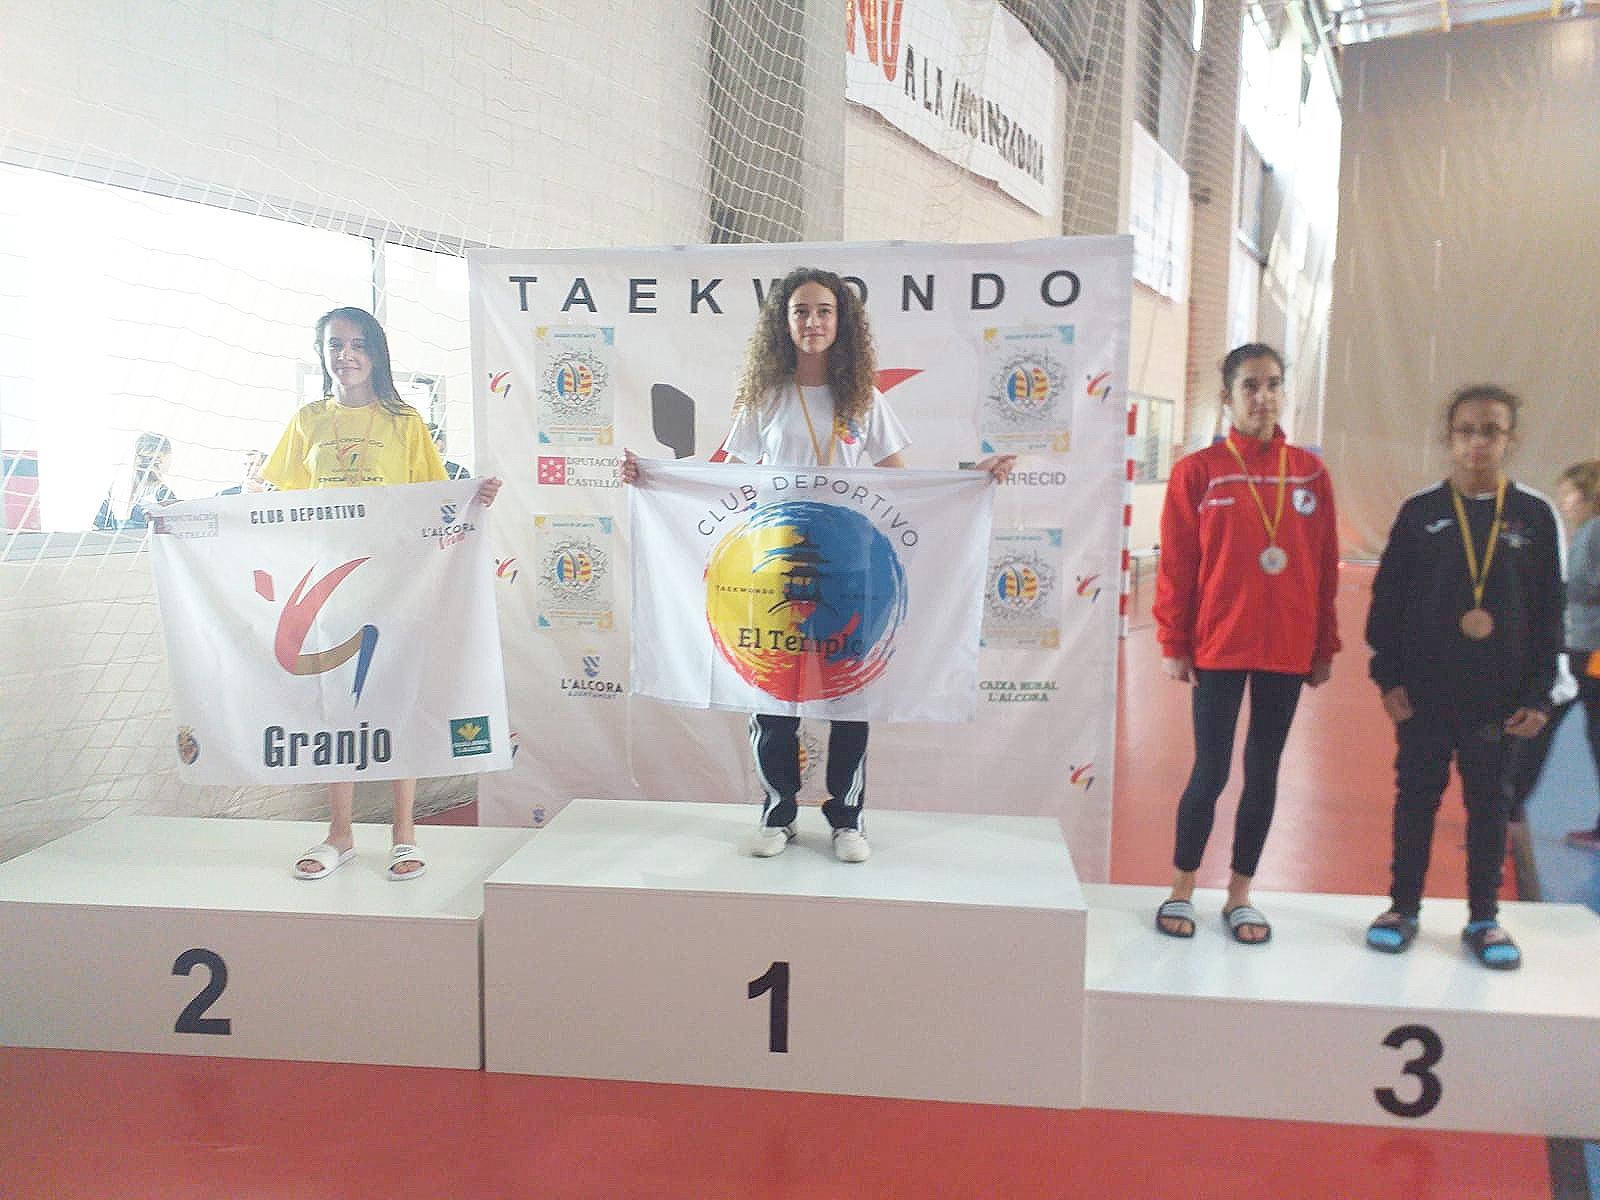 La taekwondista buñolense Daniela Furriol ha conseguido el oro en la modalidad de combate en el Campeonato Autonómico de la Comunidad Valenciana.